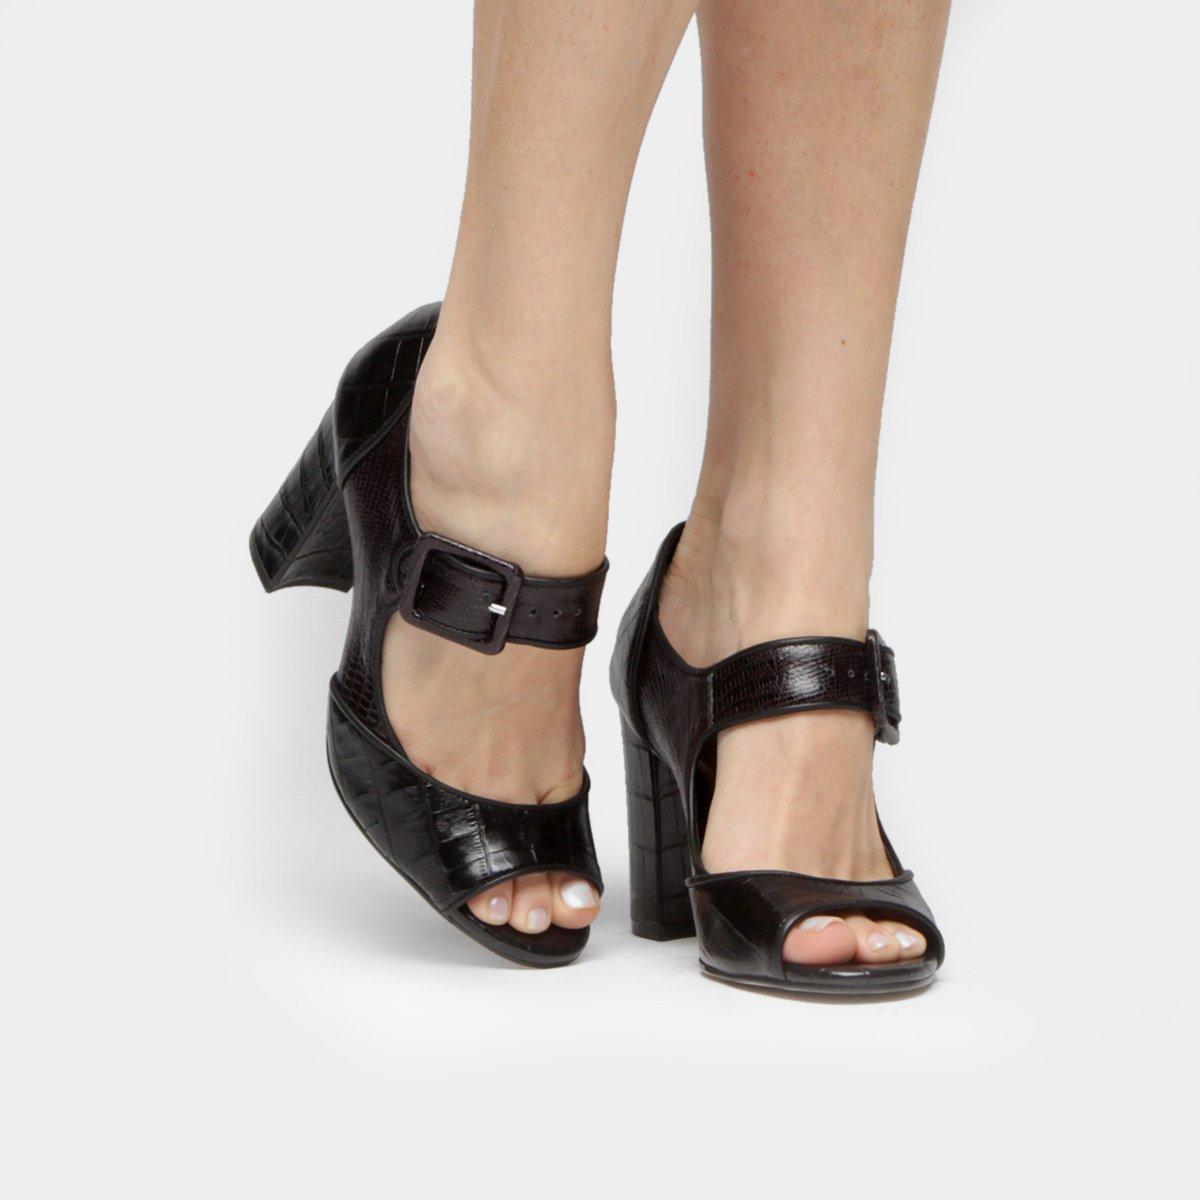 589a7de741 Sandália Couro Shoestock Salto Grosso Mary Jane Feminina